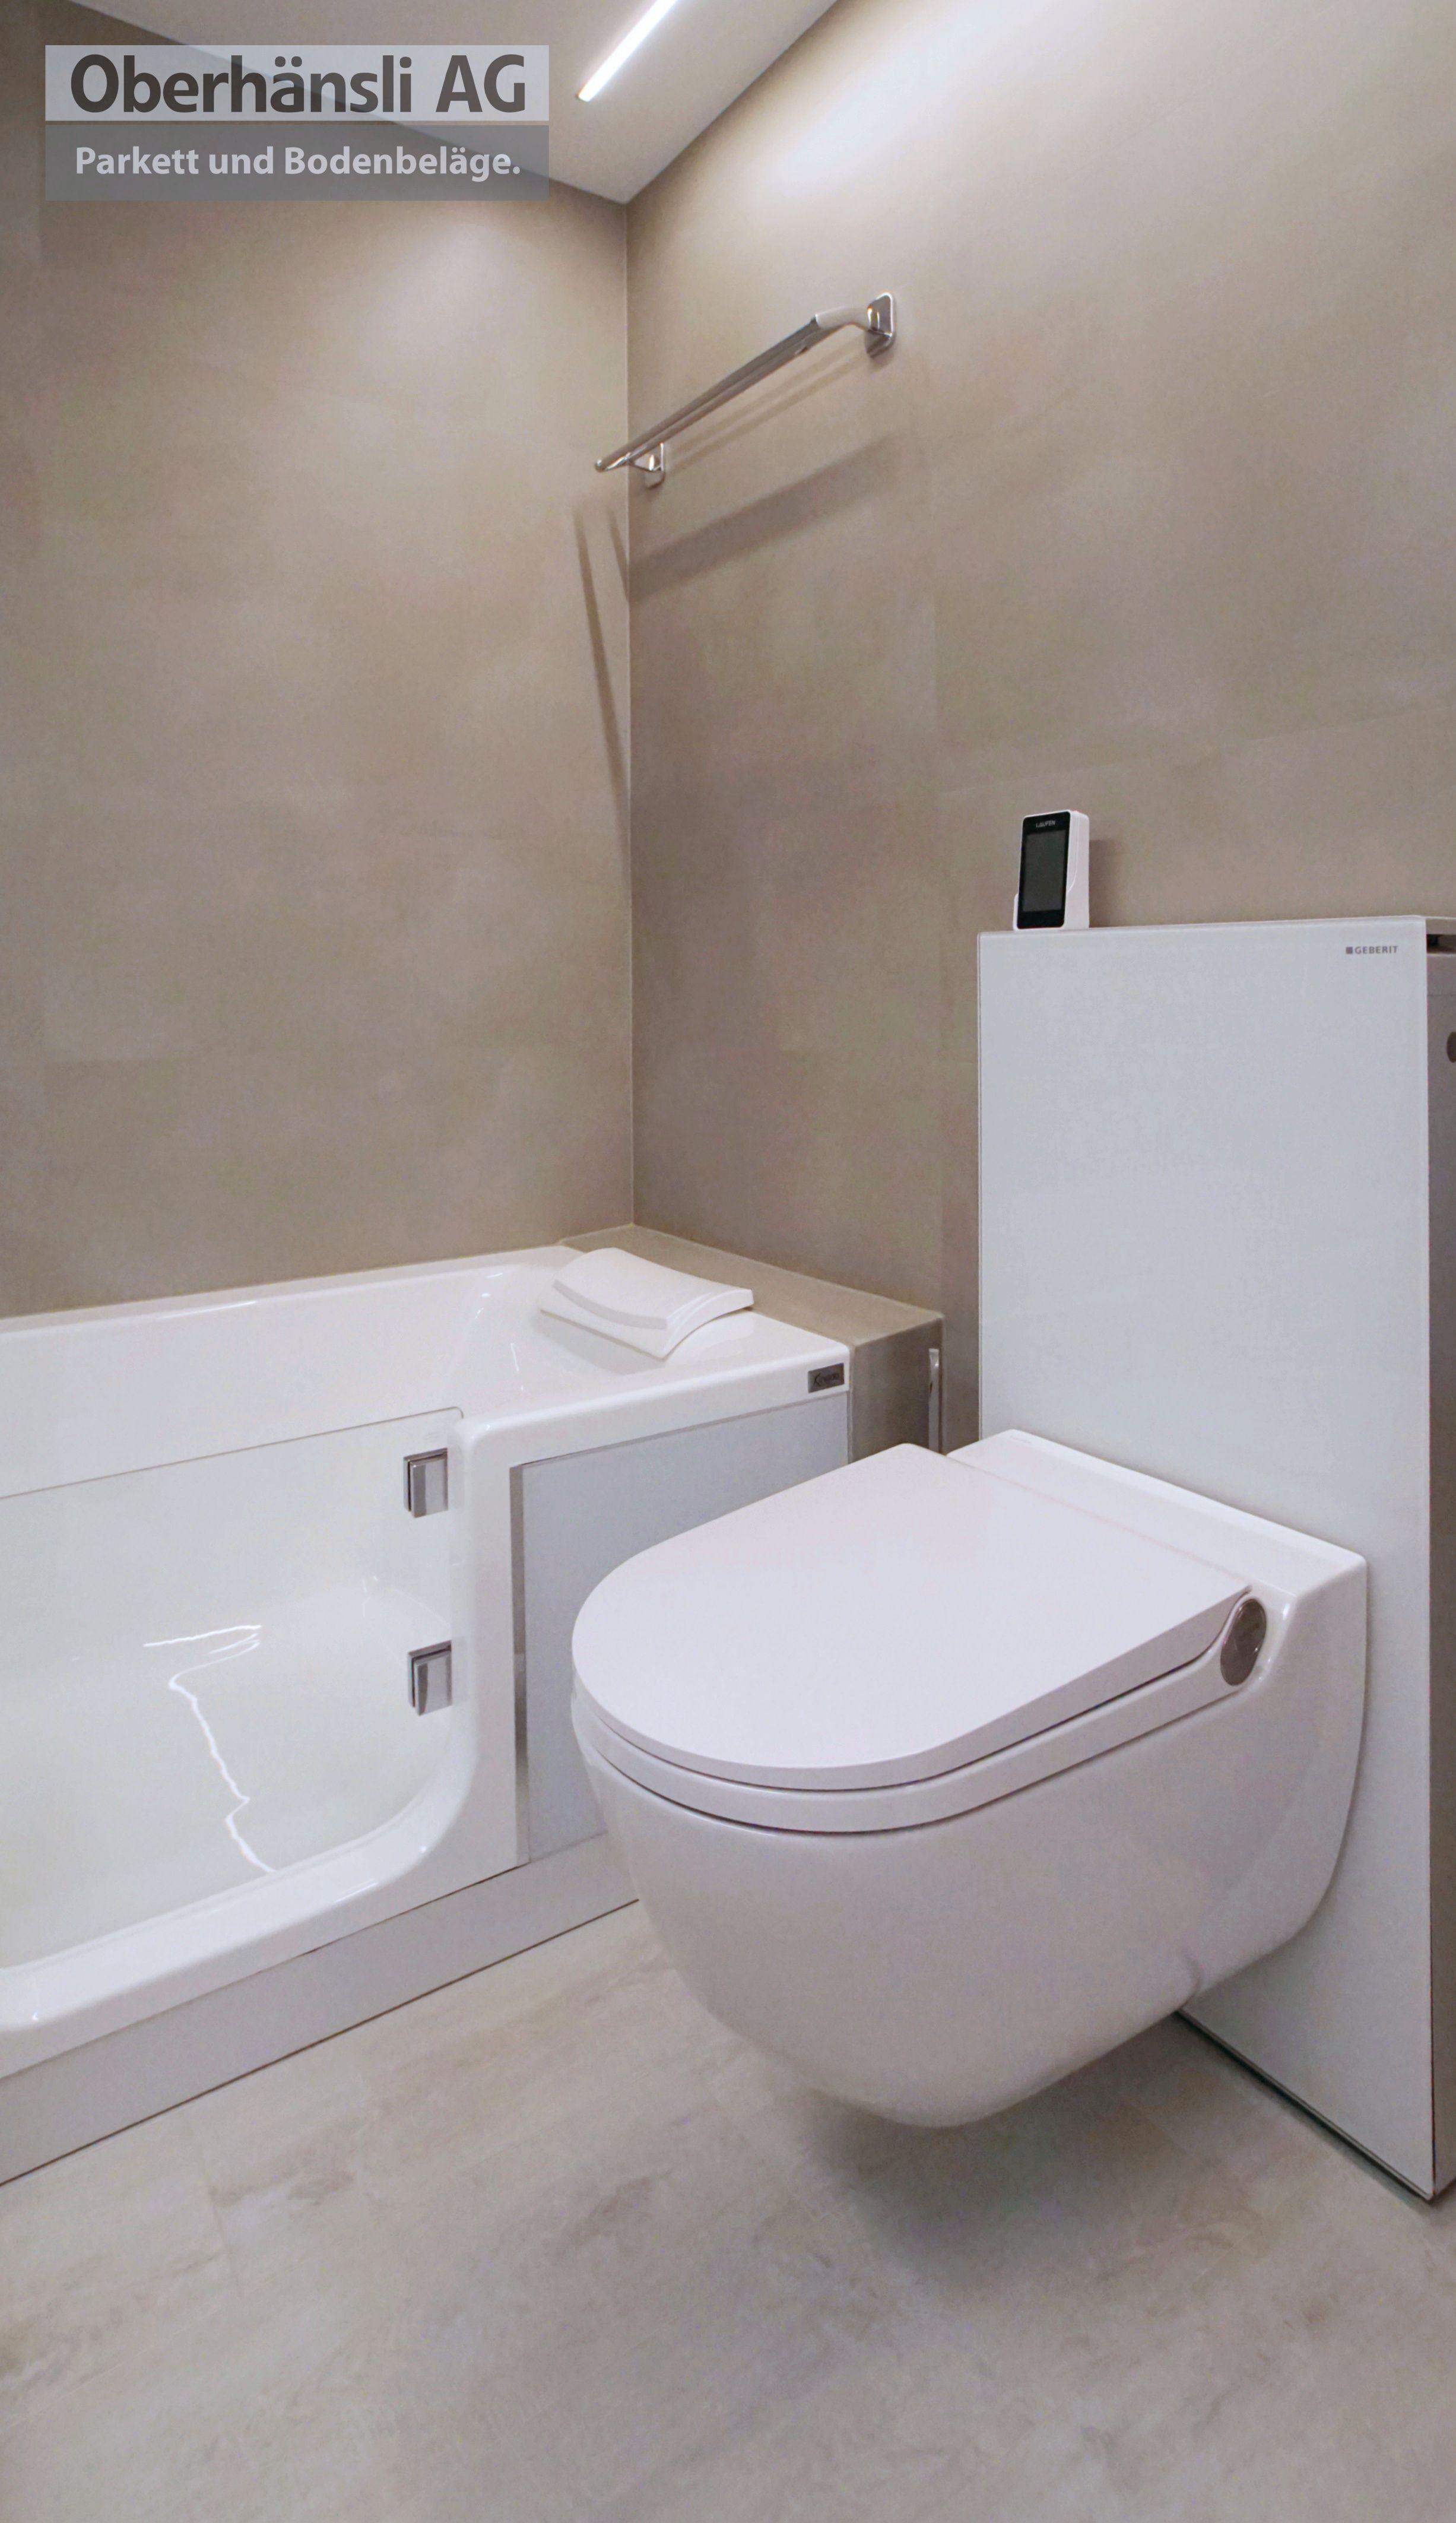 Badezimmer Wand Und Boden In Vinyl Pergo Vom Profi In 2020 Badezimmer Wand Badezimmerideen Badezimmer